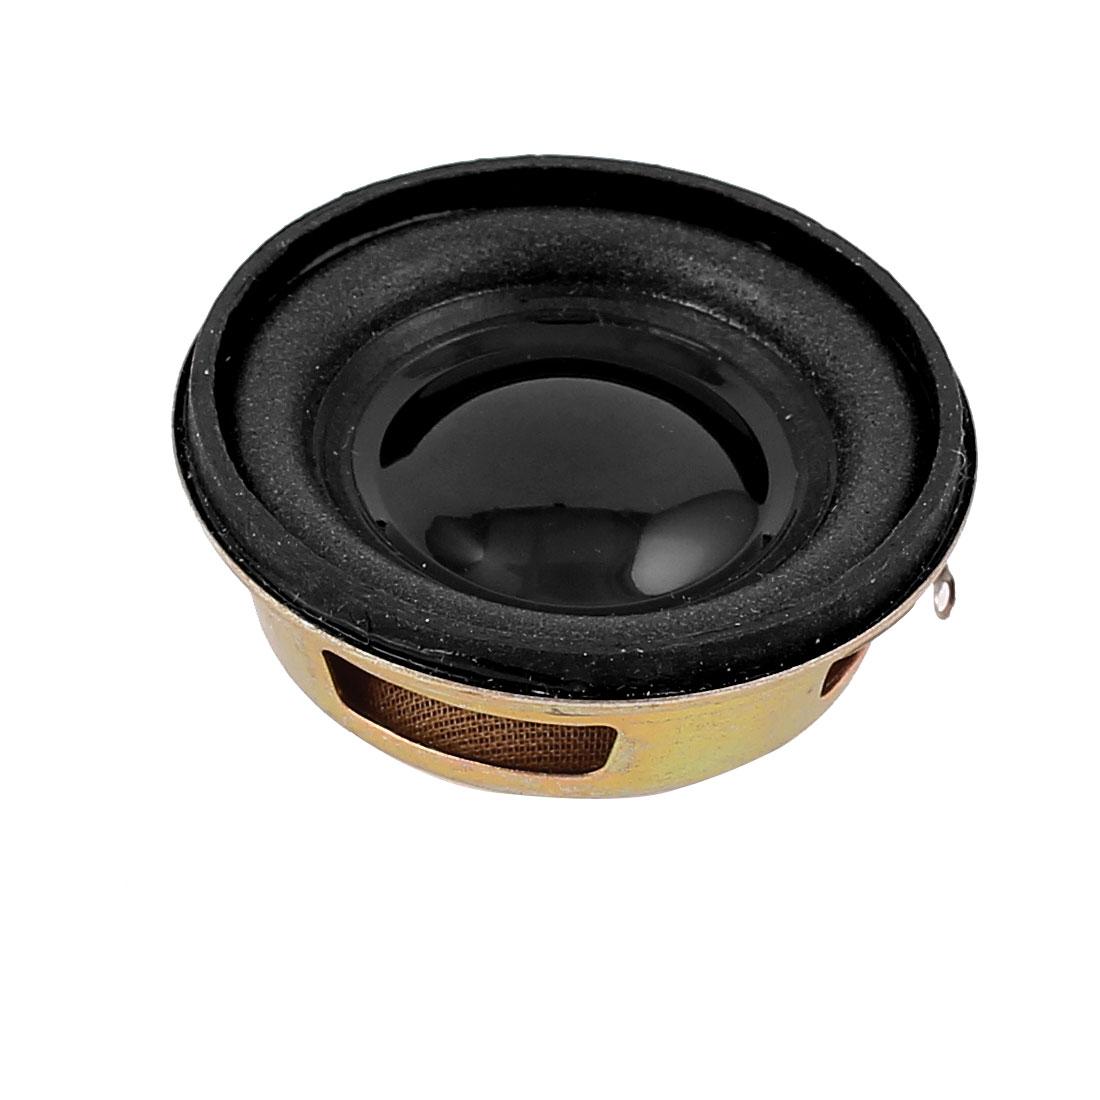 3W 4 Ohm 40mm Dia Magnetic Type Metal Magnet Mini Audio Speaker